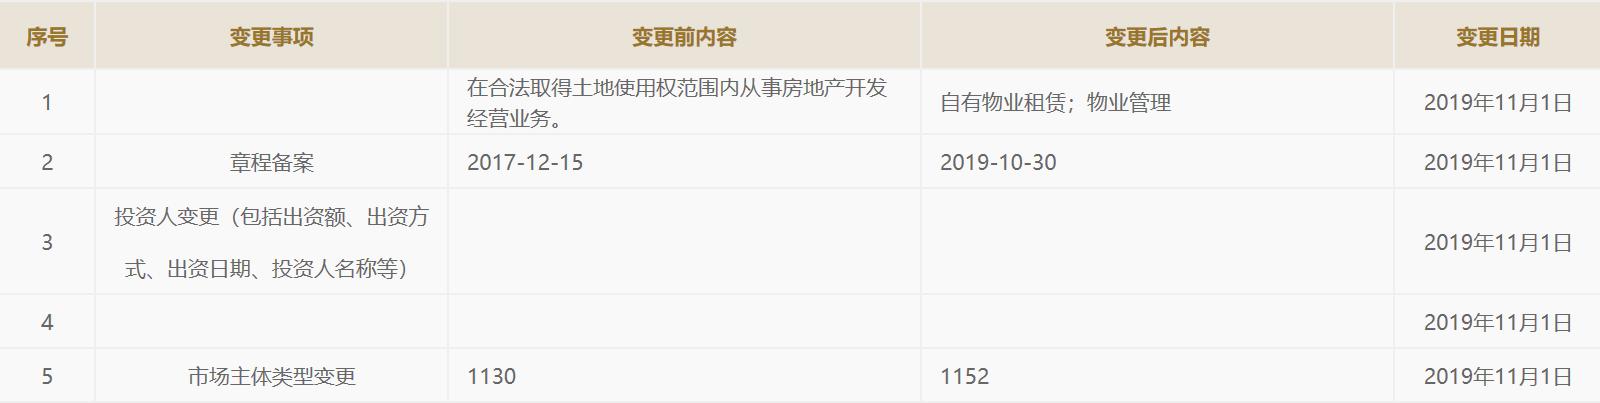 巴黎人网上娱乐网,上个月,重庆市民的存款有所减少,但是房贷增长迅速